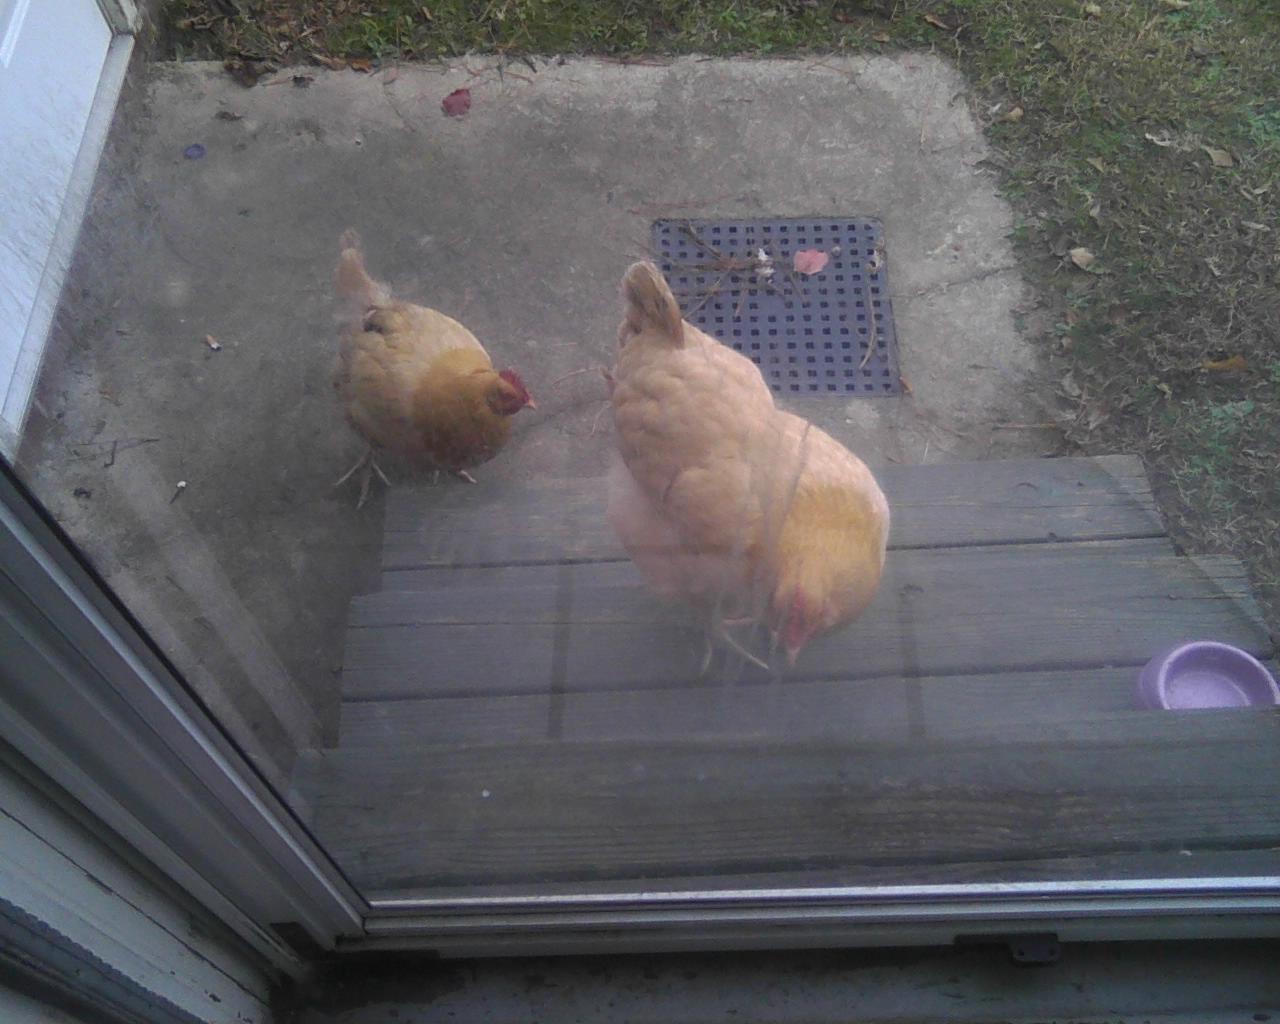 http://www.backyardchickens.com/forum/uploads/113389_111212_0012.jpg